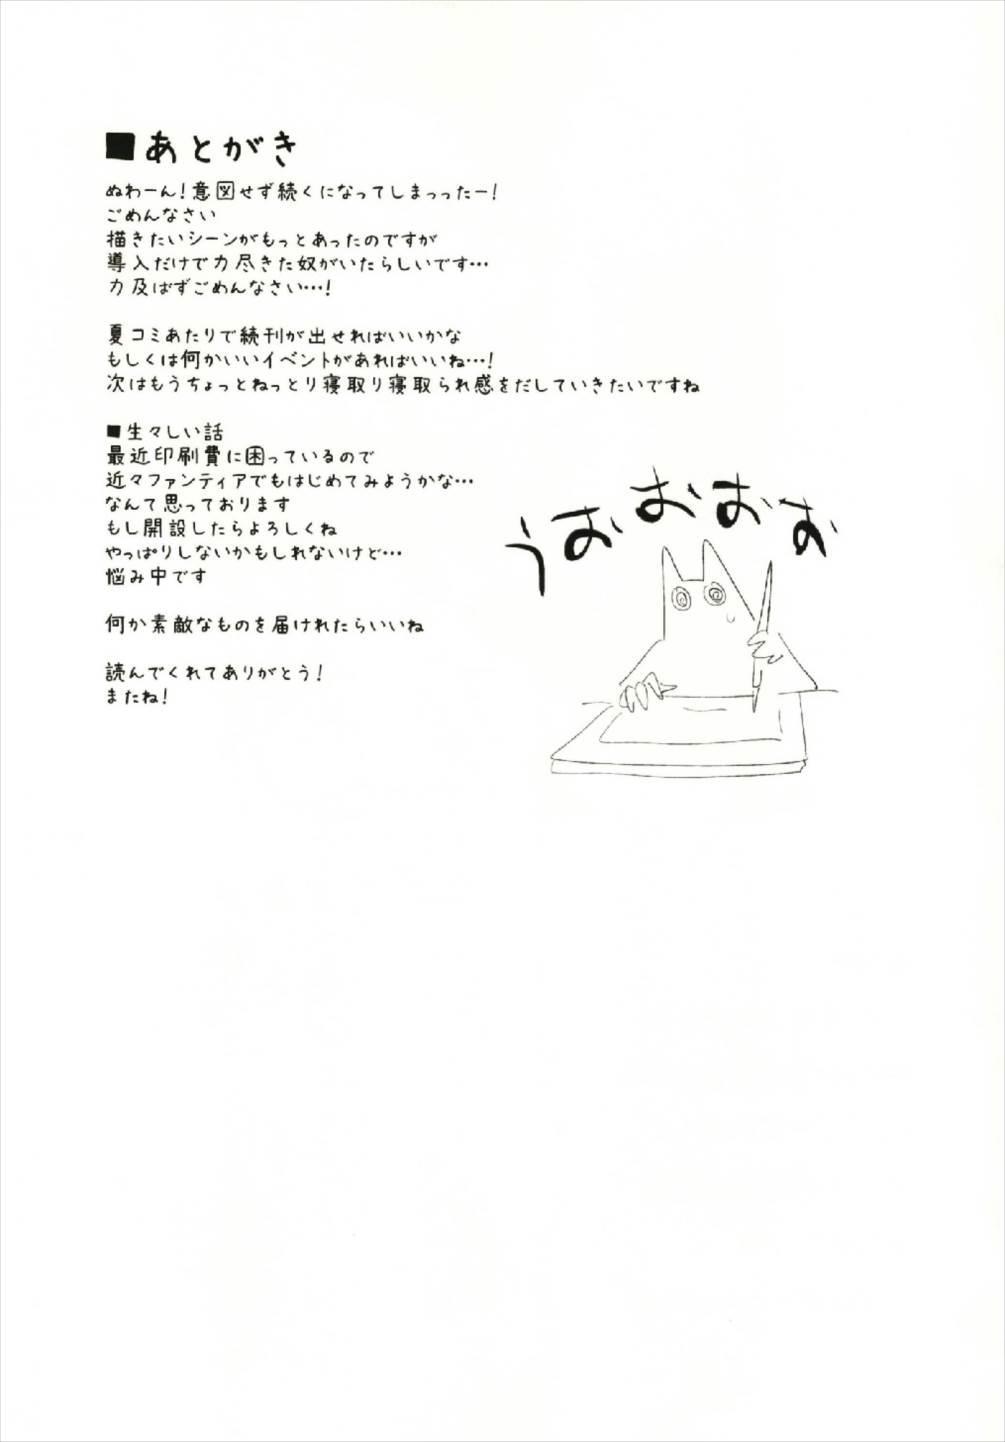 Guild no AB-san 24